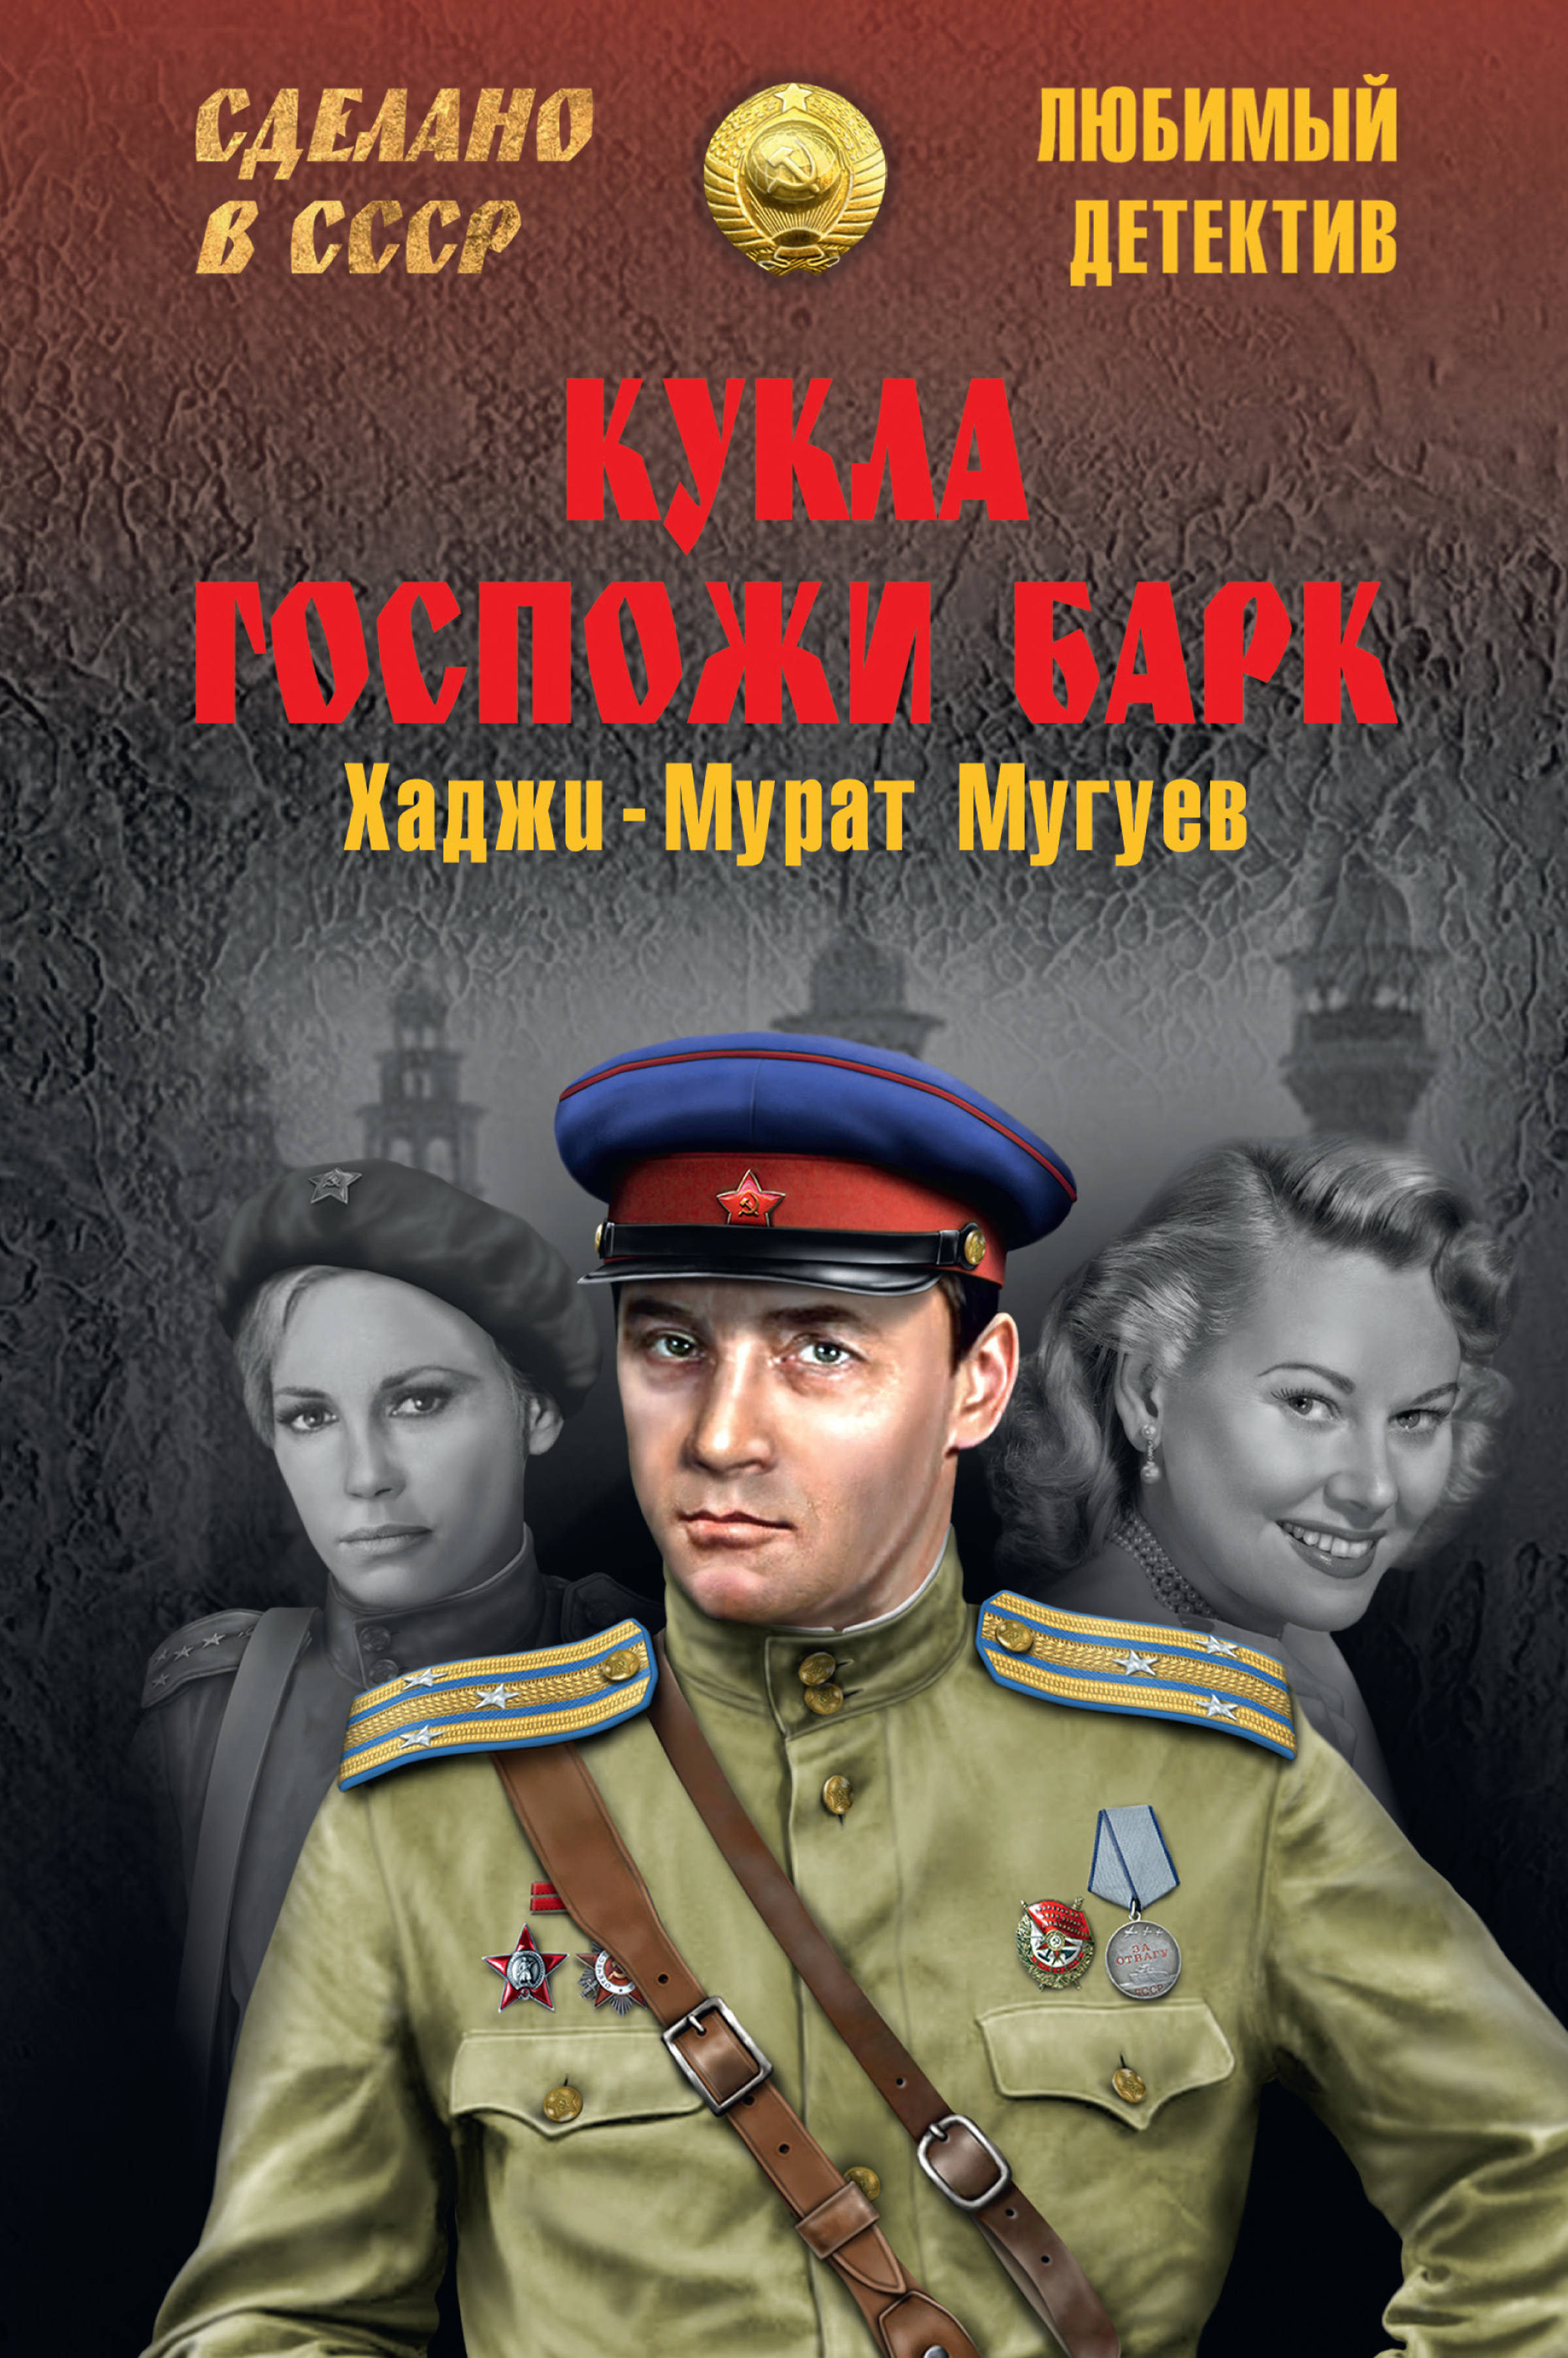 Хаджи-Мурат Мугуев - Кукла госпожи Барк